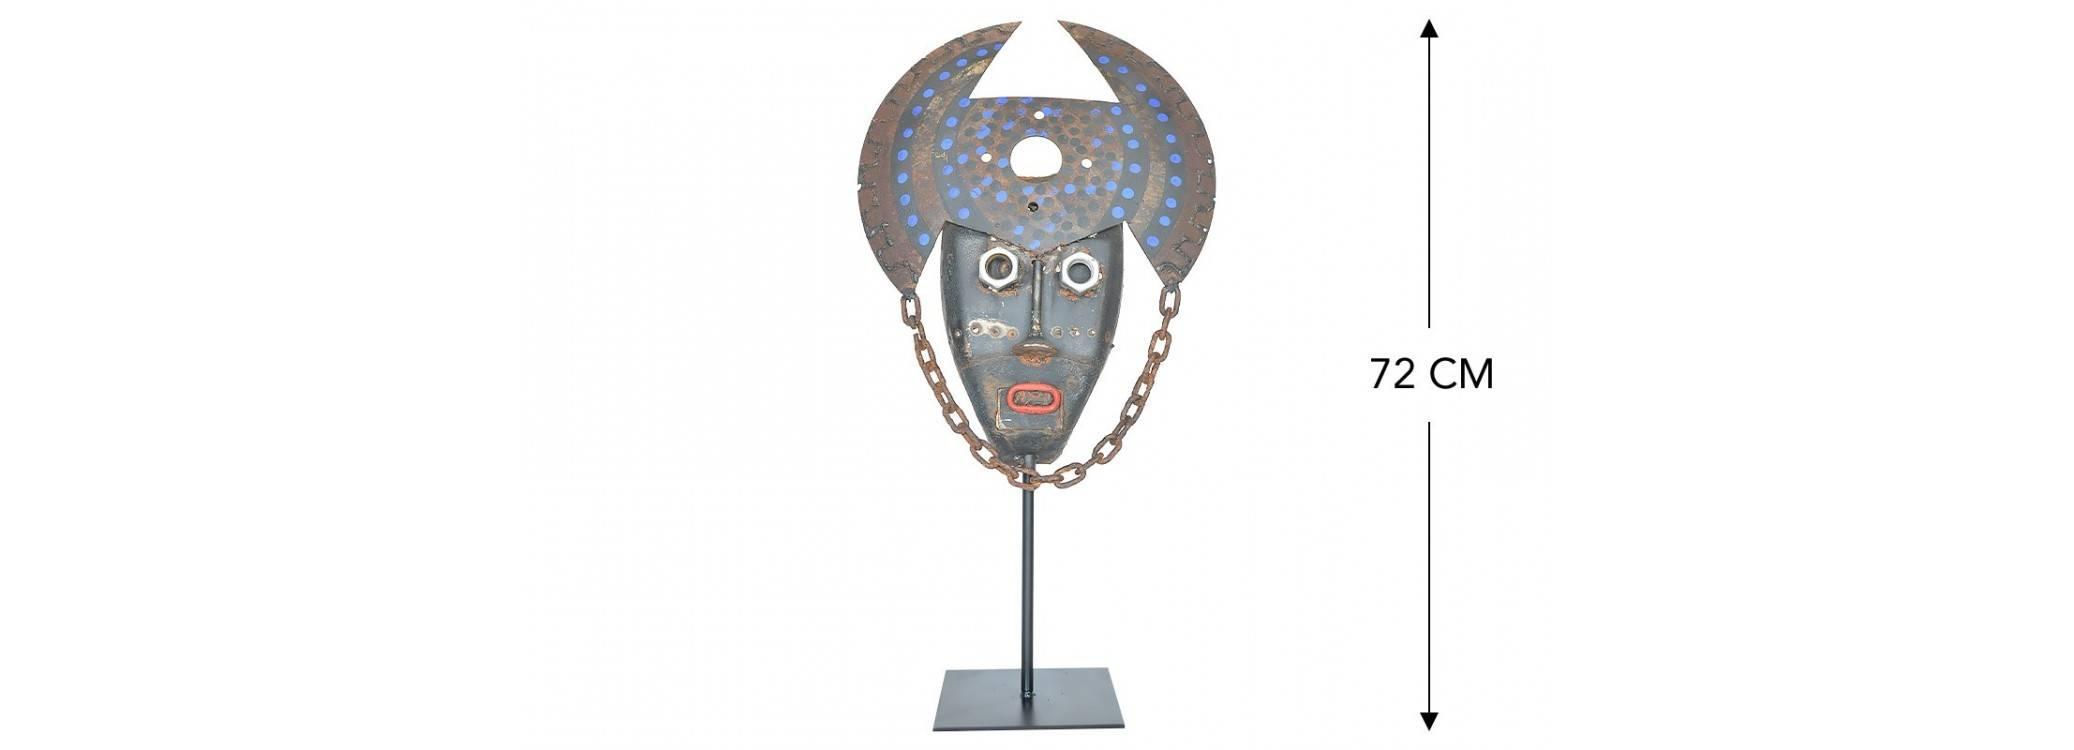 Masque décoratif en métal récupéré - Pièce unique